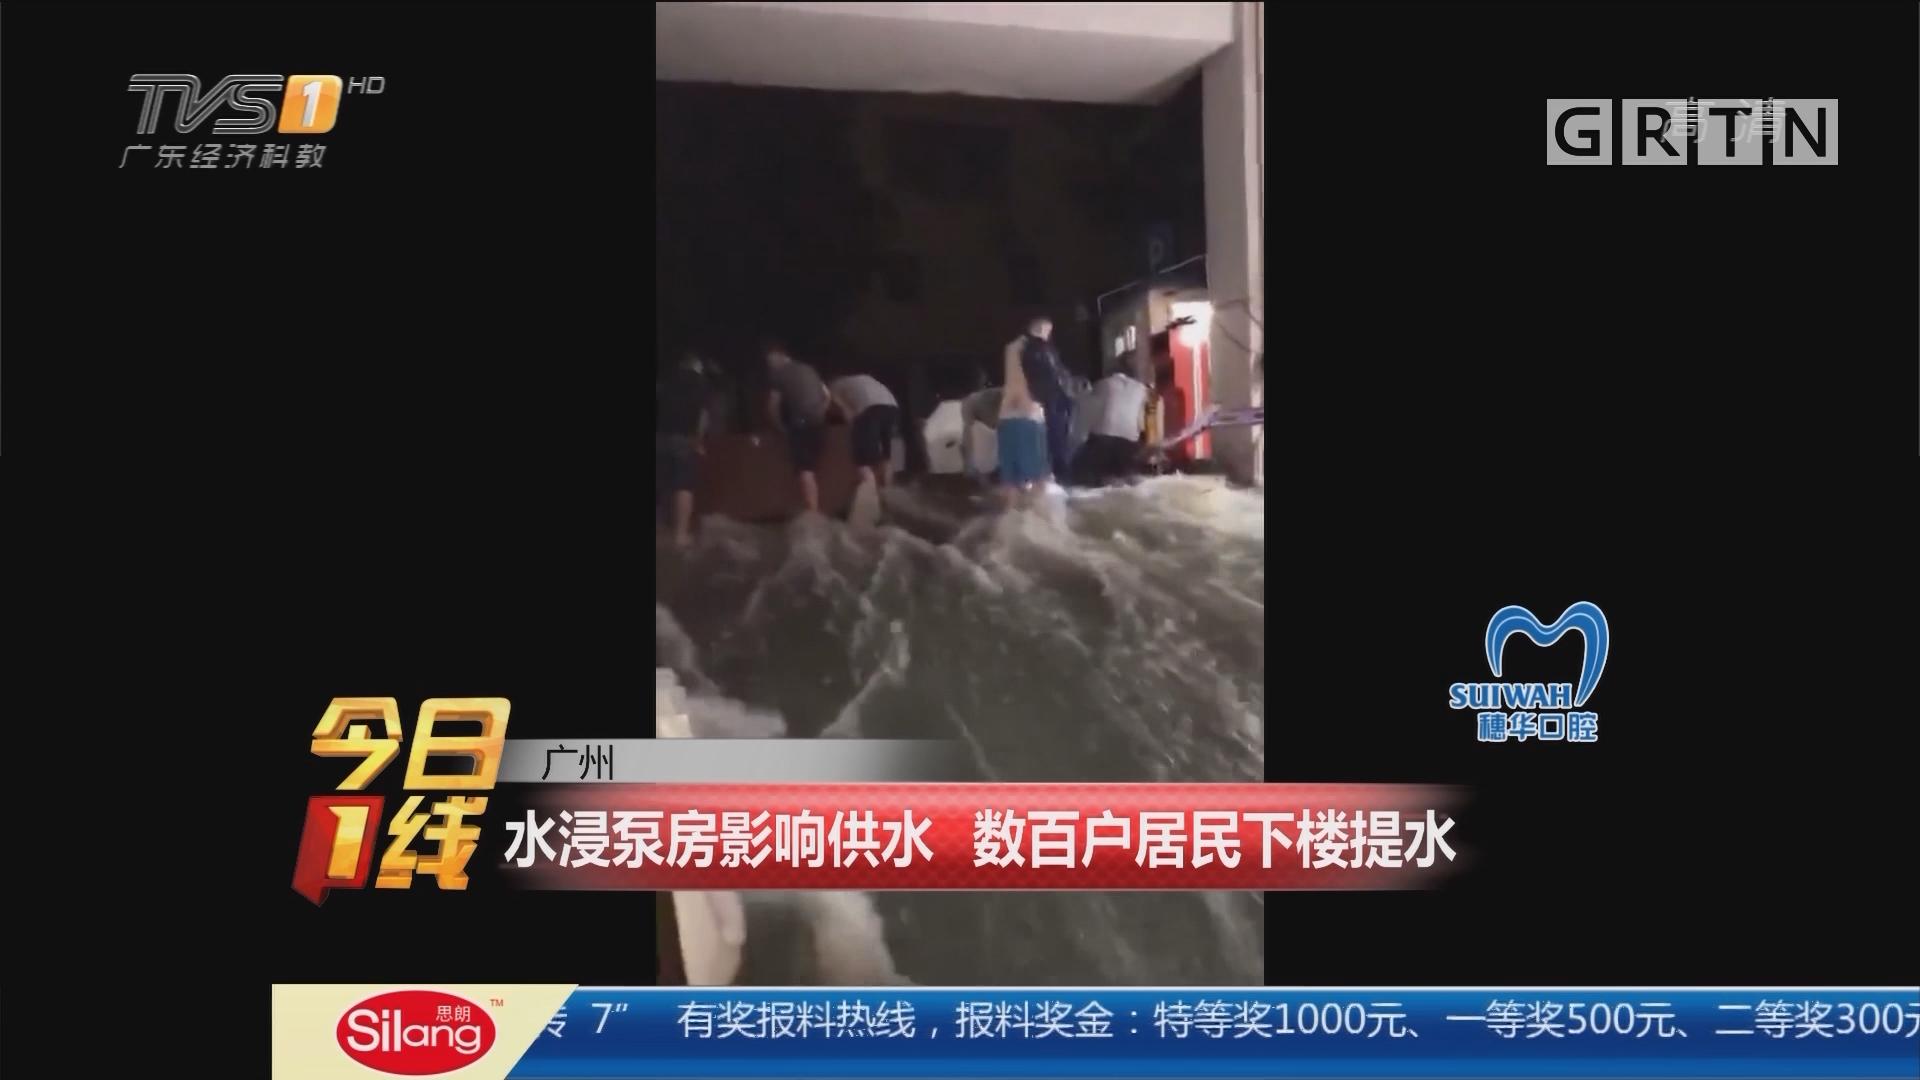 广州:水浸泵房影响供水 数百户居民下楼提水